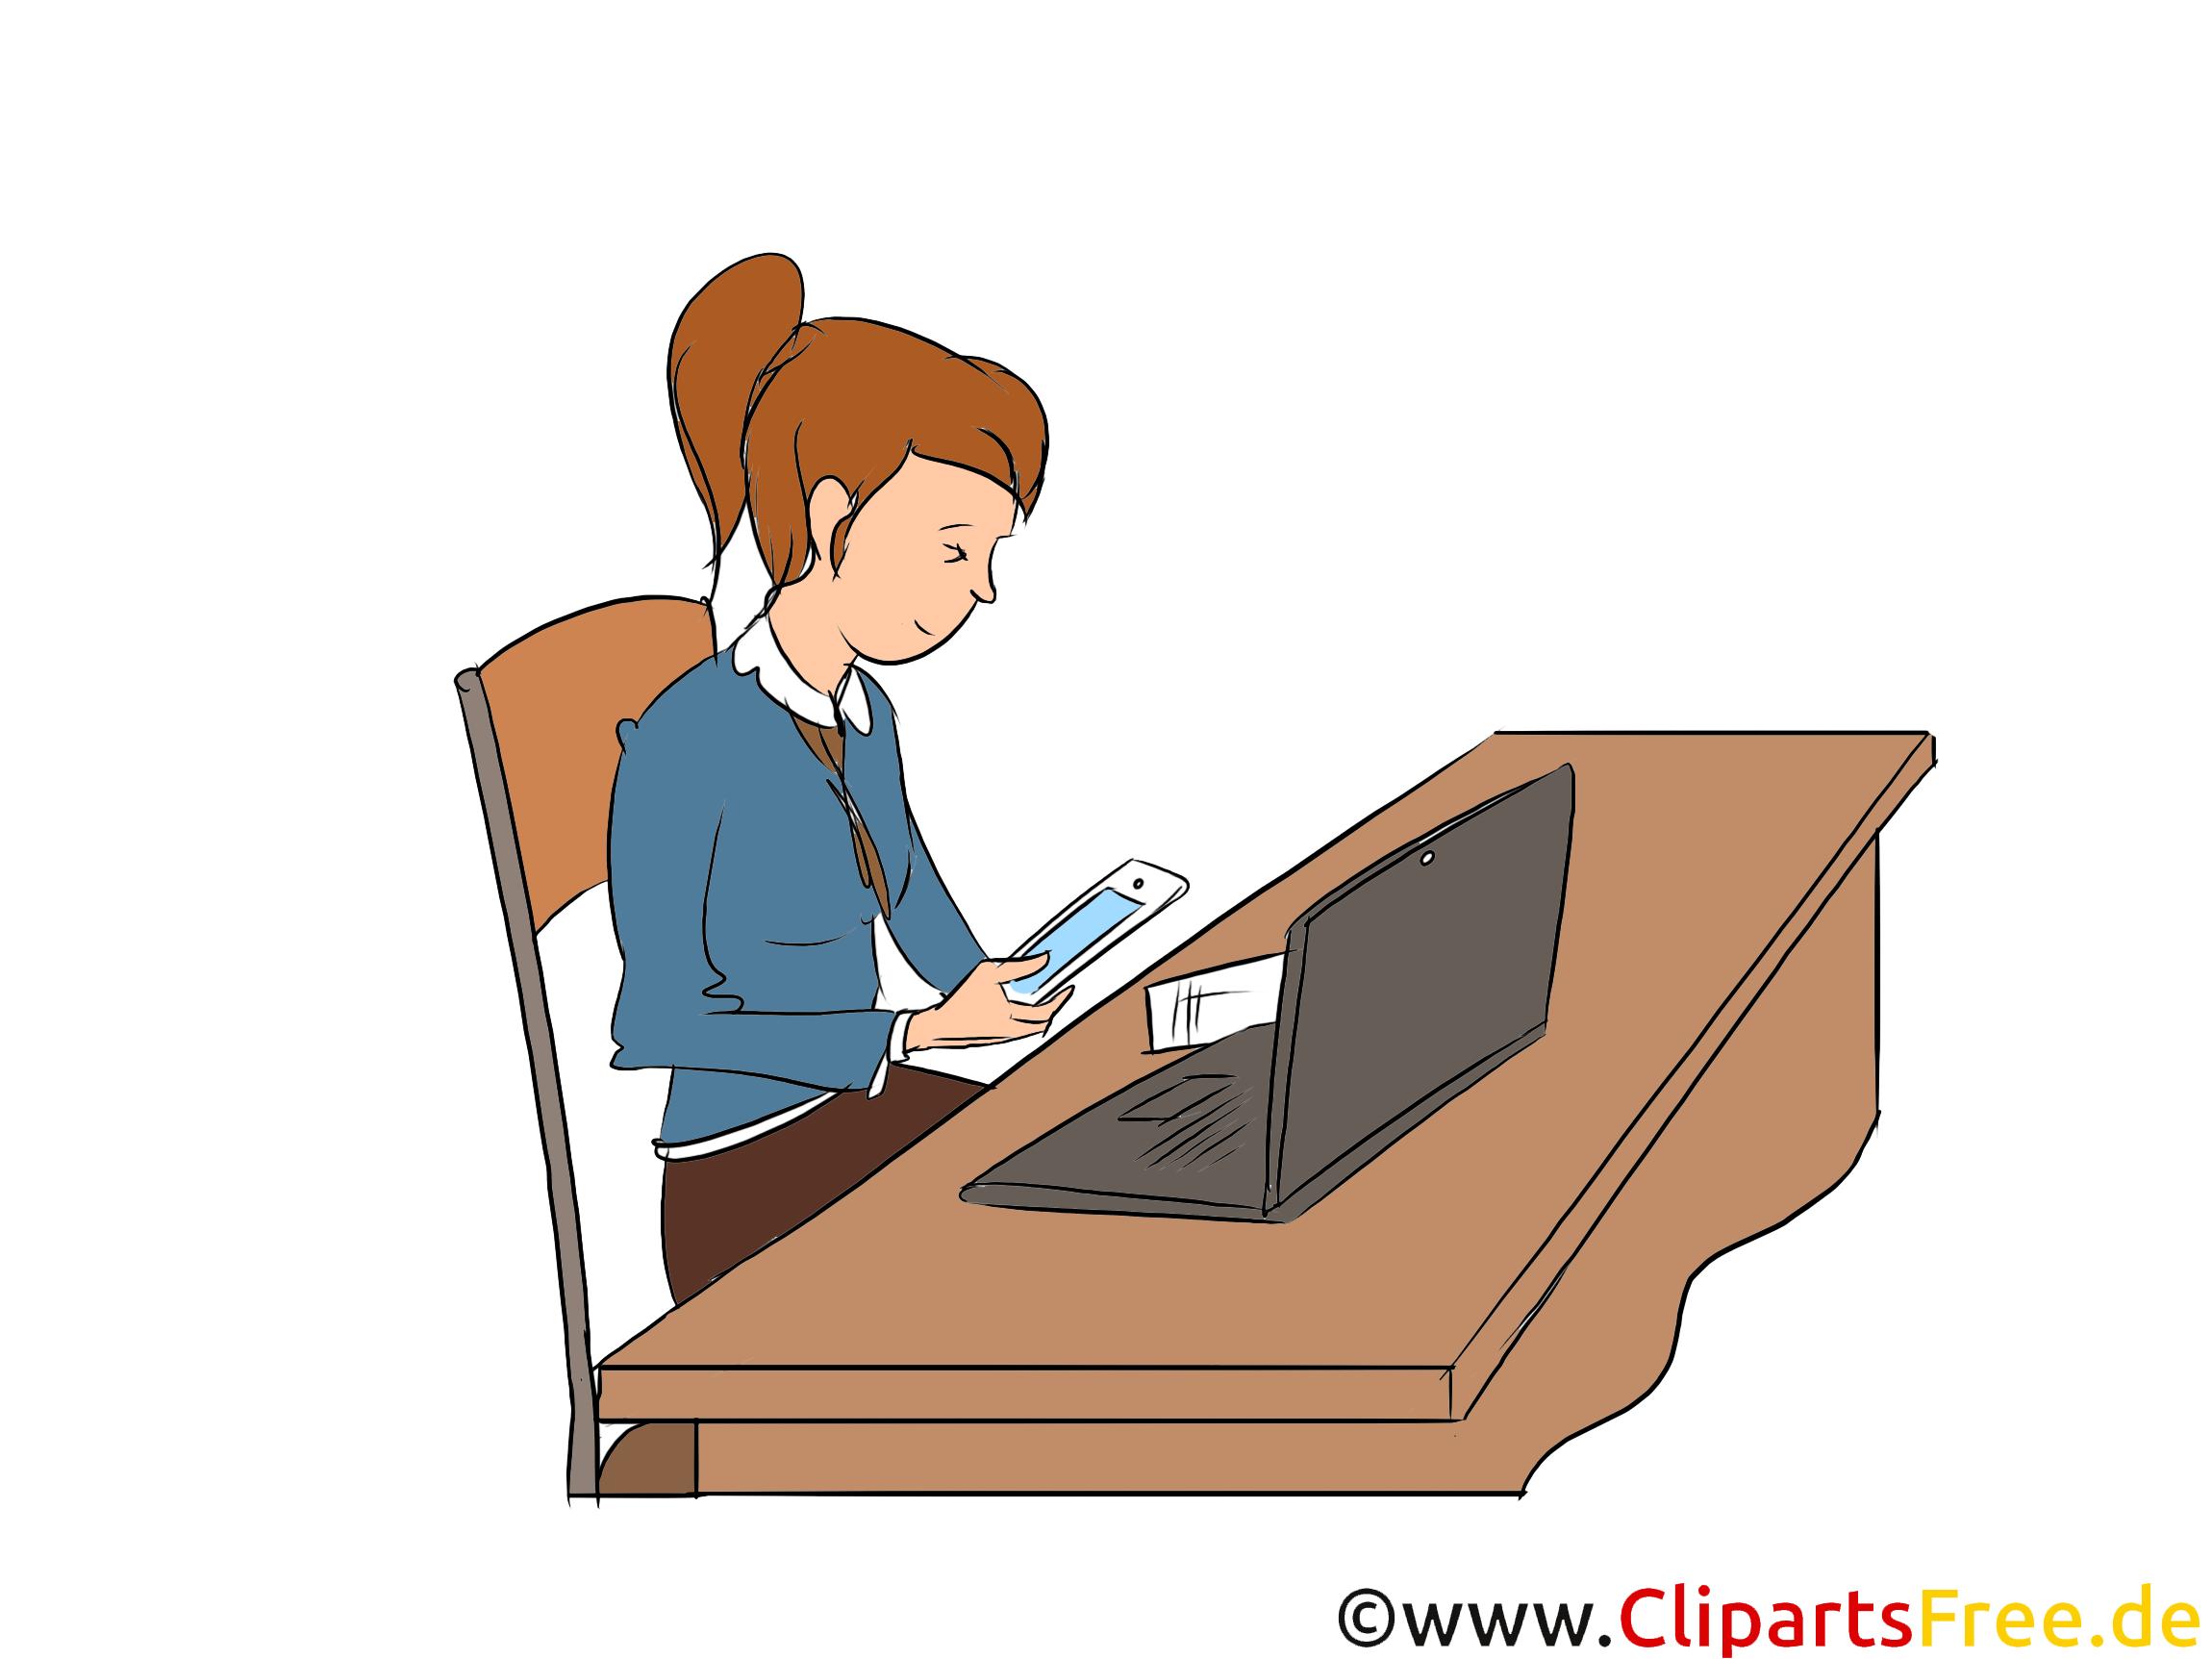 Kaufmann für Marketingkommunikation Clipart, Bild, Grafik zum Thema Ausbildungsberufe